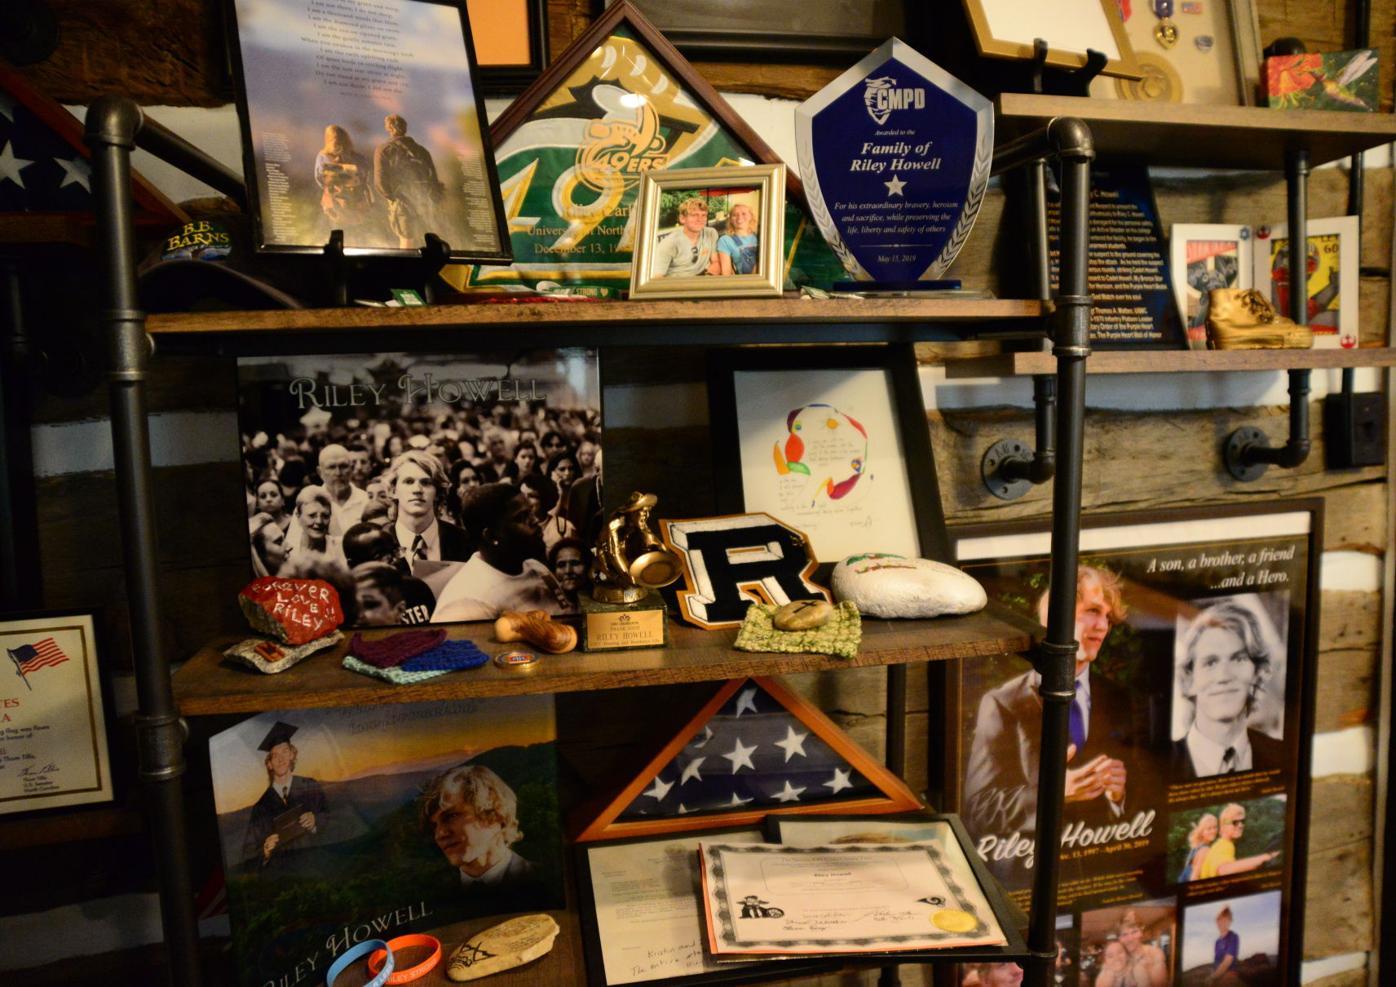 riley howell memorial display 4.JPG (copy)